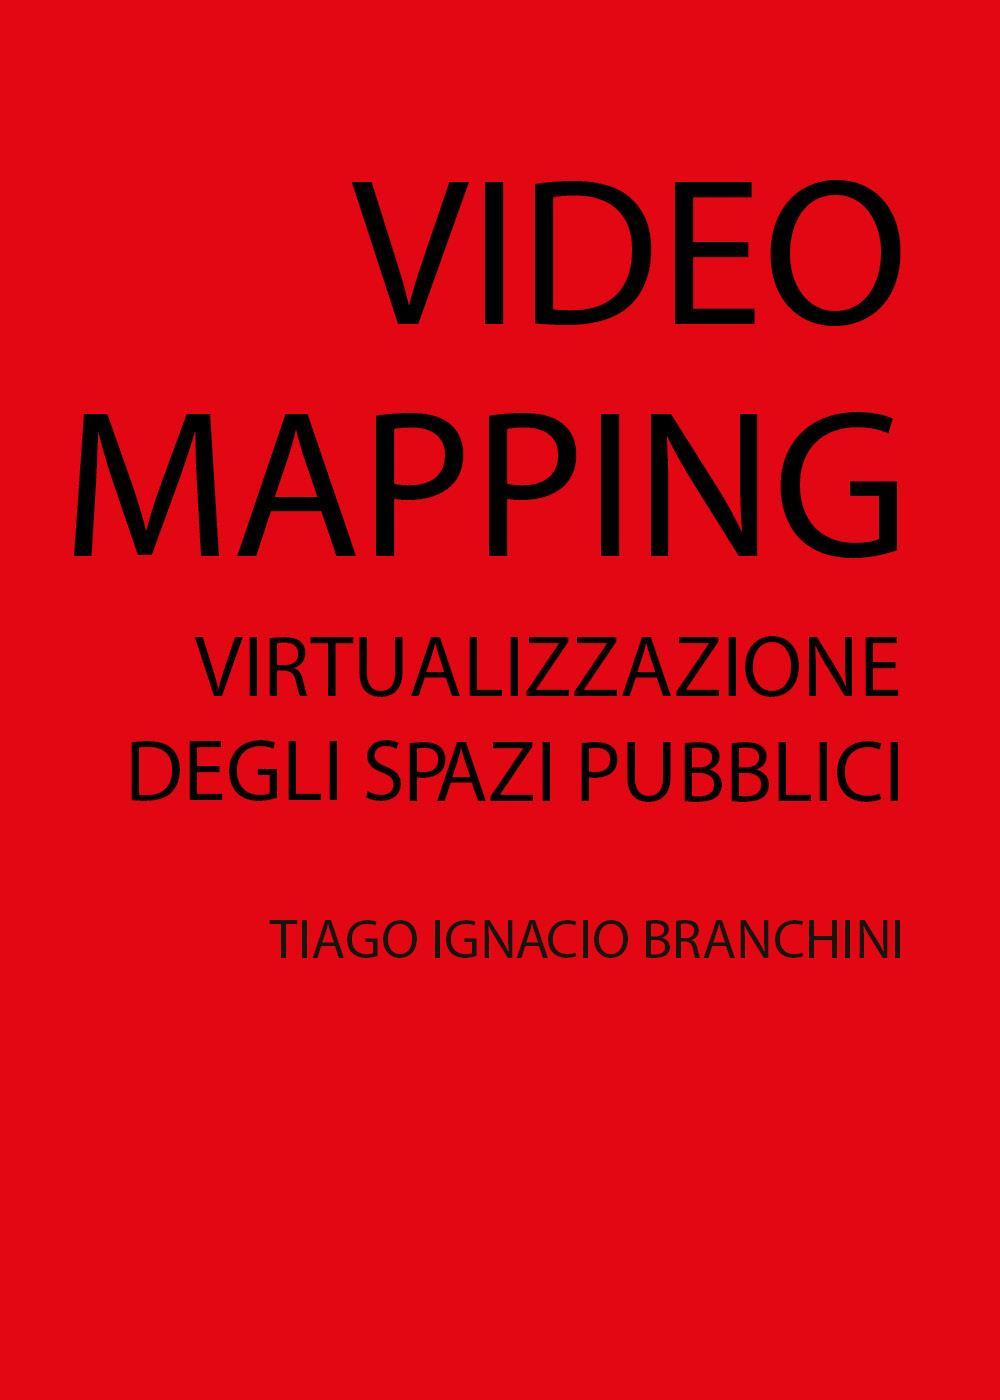 VIDEO MAPPING: virtualizzazione degli spazi pubblici